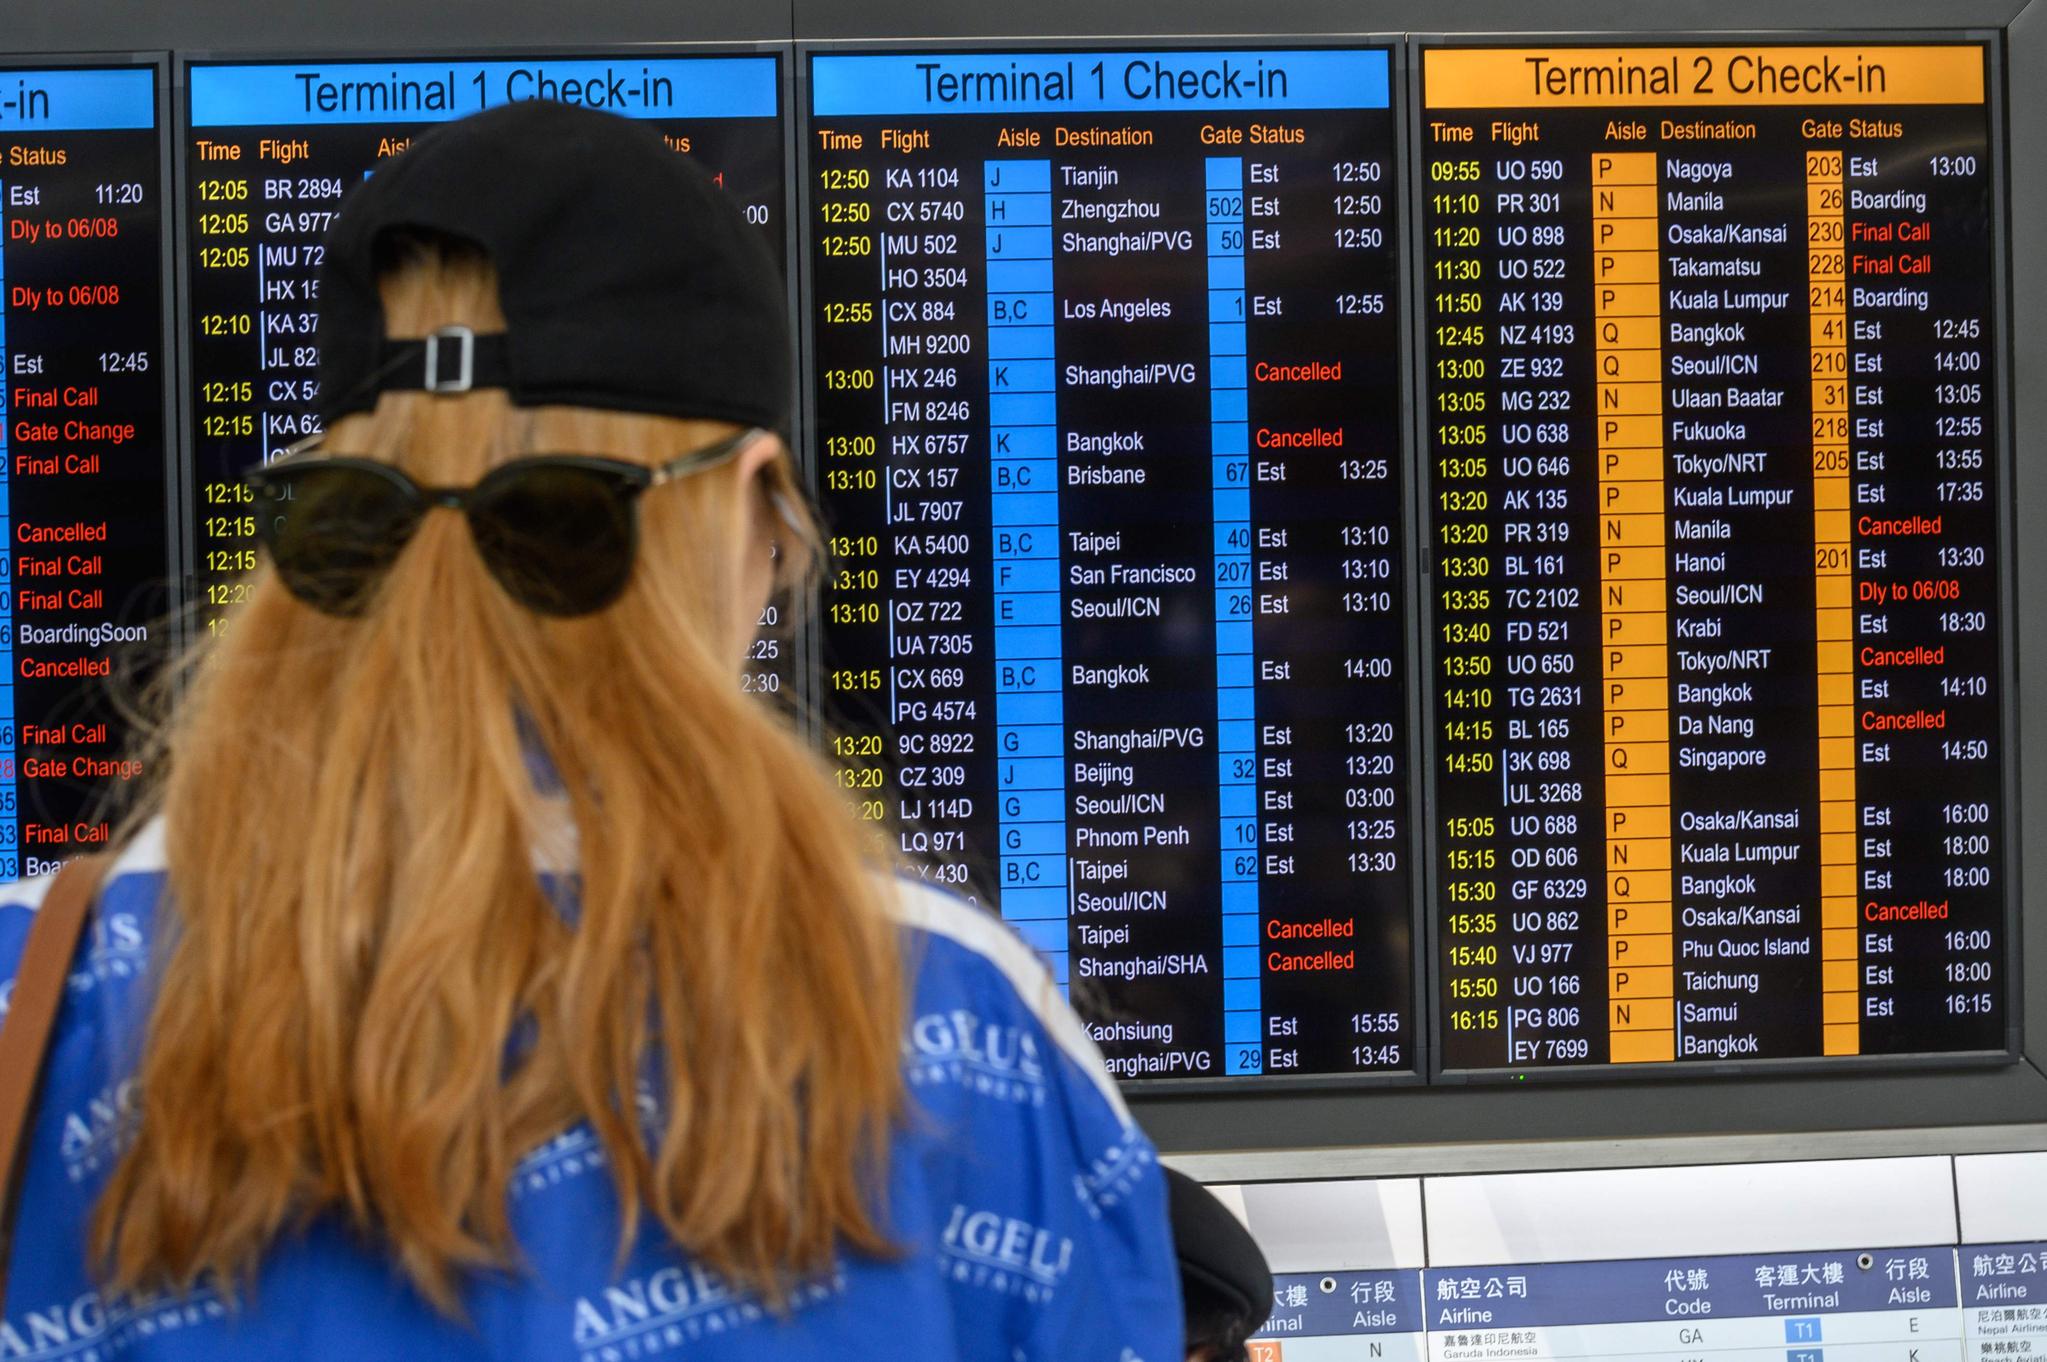 5일 홍콩에서 '범죄인 인도 법안'(송환법) 반대 총파업이 벌어진 가운데 홍콩 국제공항에서 한 승객이 탑승할 항공기 운항 상황을 확인하고 있다. [연합뉴스]